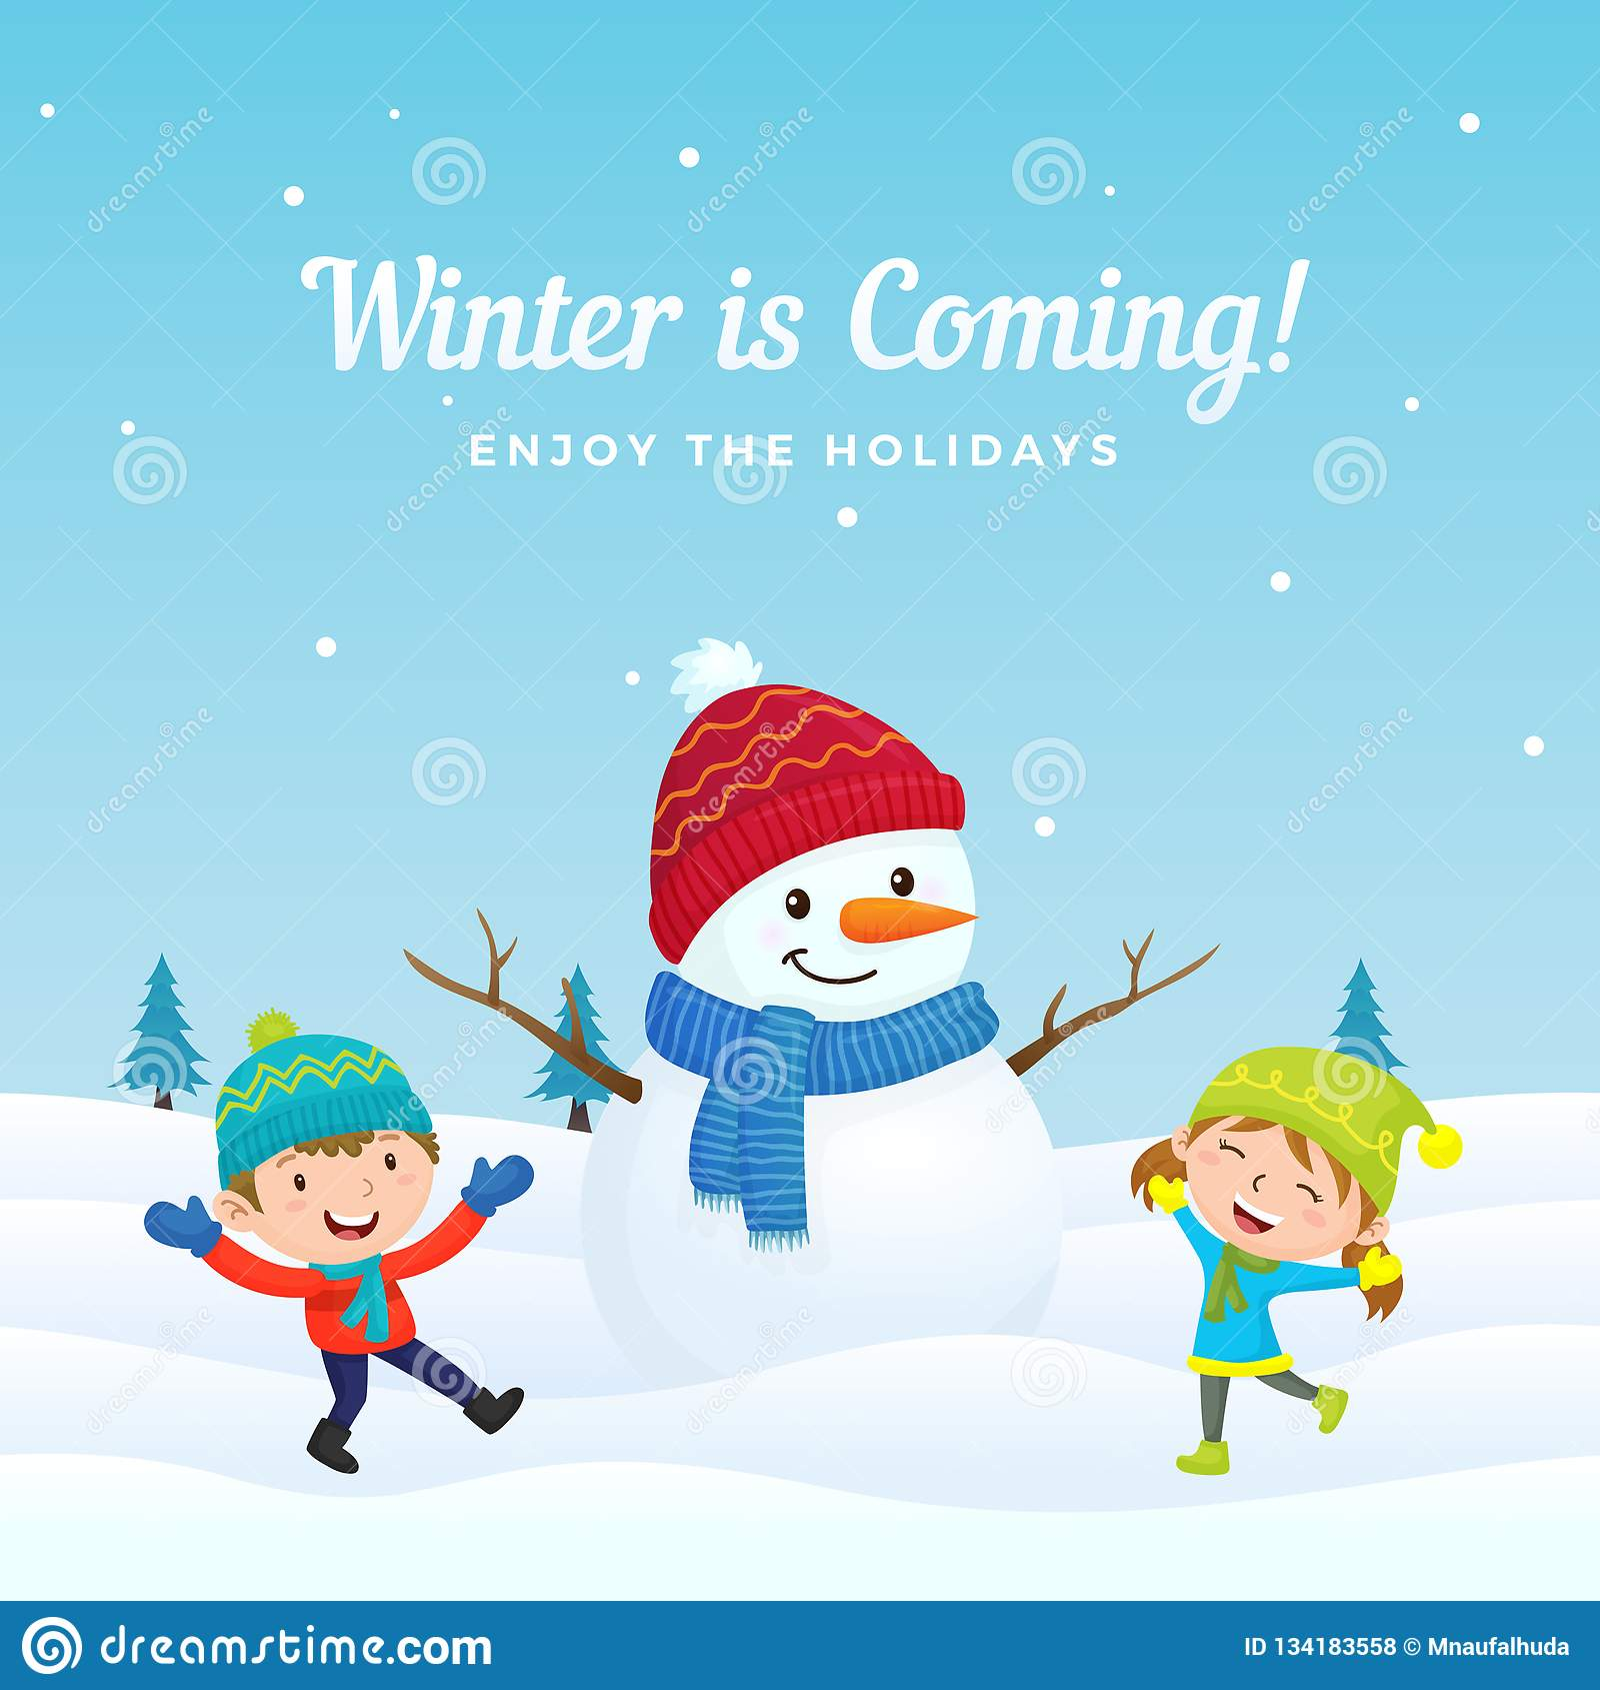 De gelukkige jonge geitjes springen en genieten van speel met grote leuke geklede sneeuwman in wintertijd vectorillustratie als a